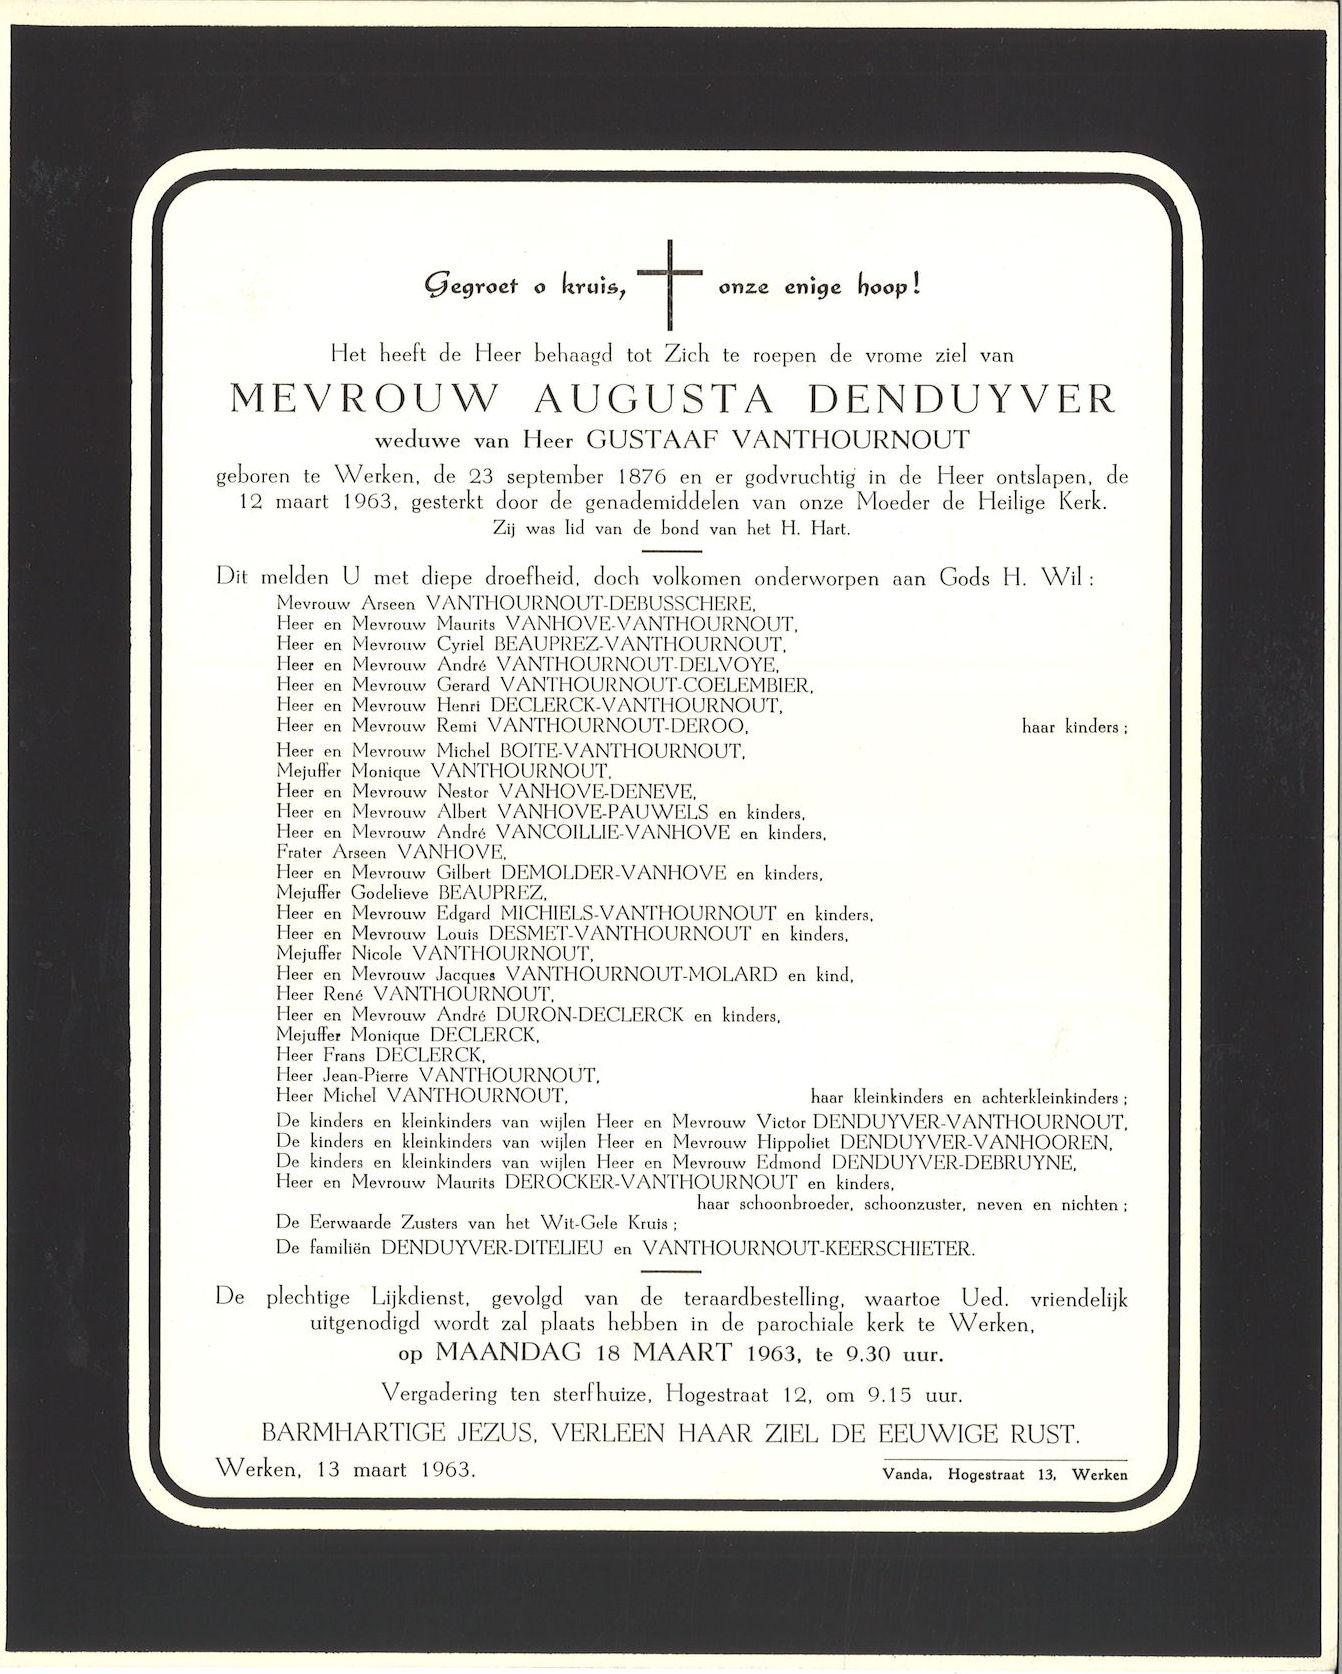 Denduyver Augusta